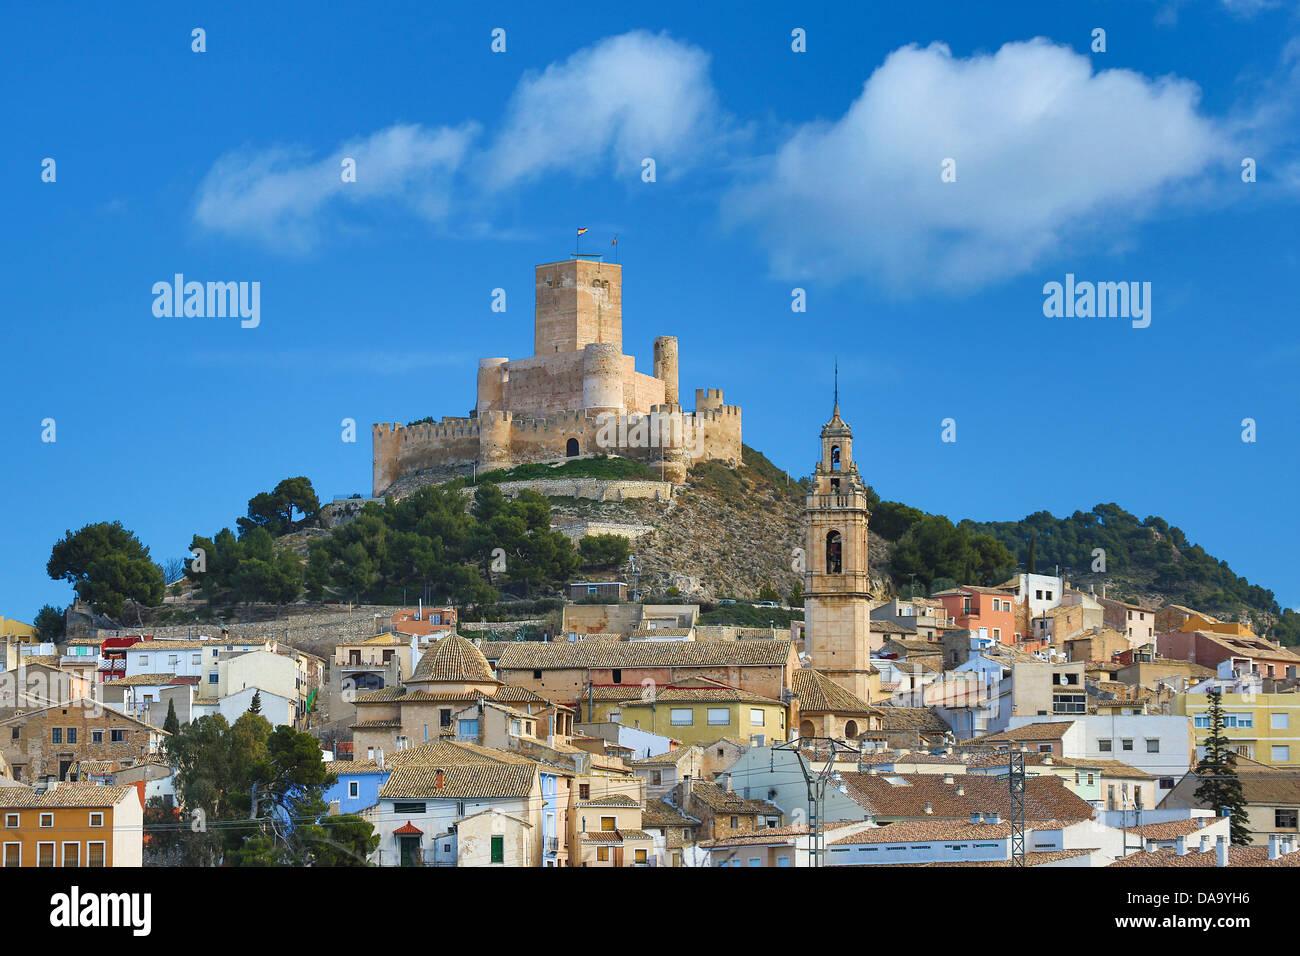 L'Espagne, l'Europe, Valence, l'architecture, bâtiments, château, hill, historique, histoire, Photo Stock